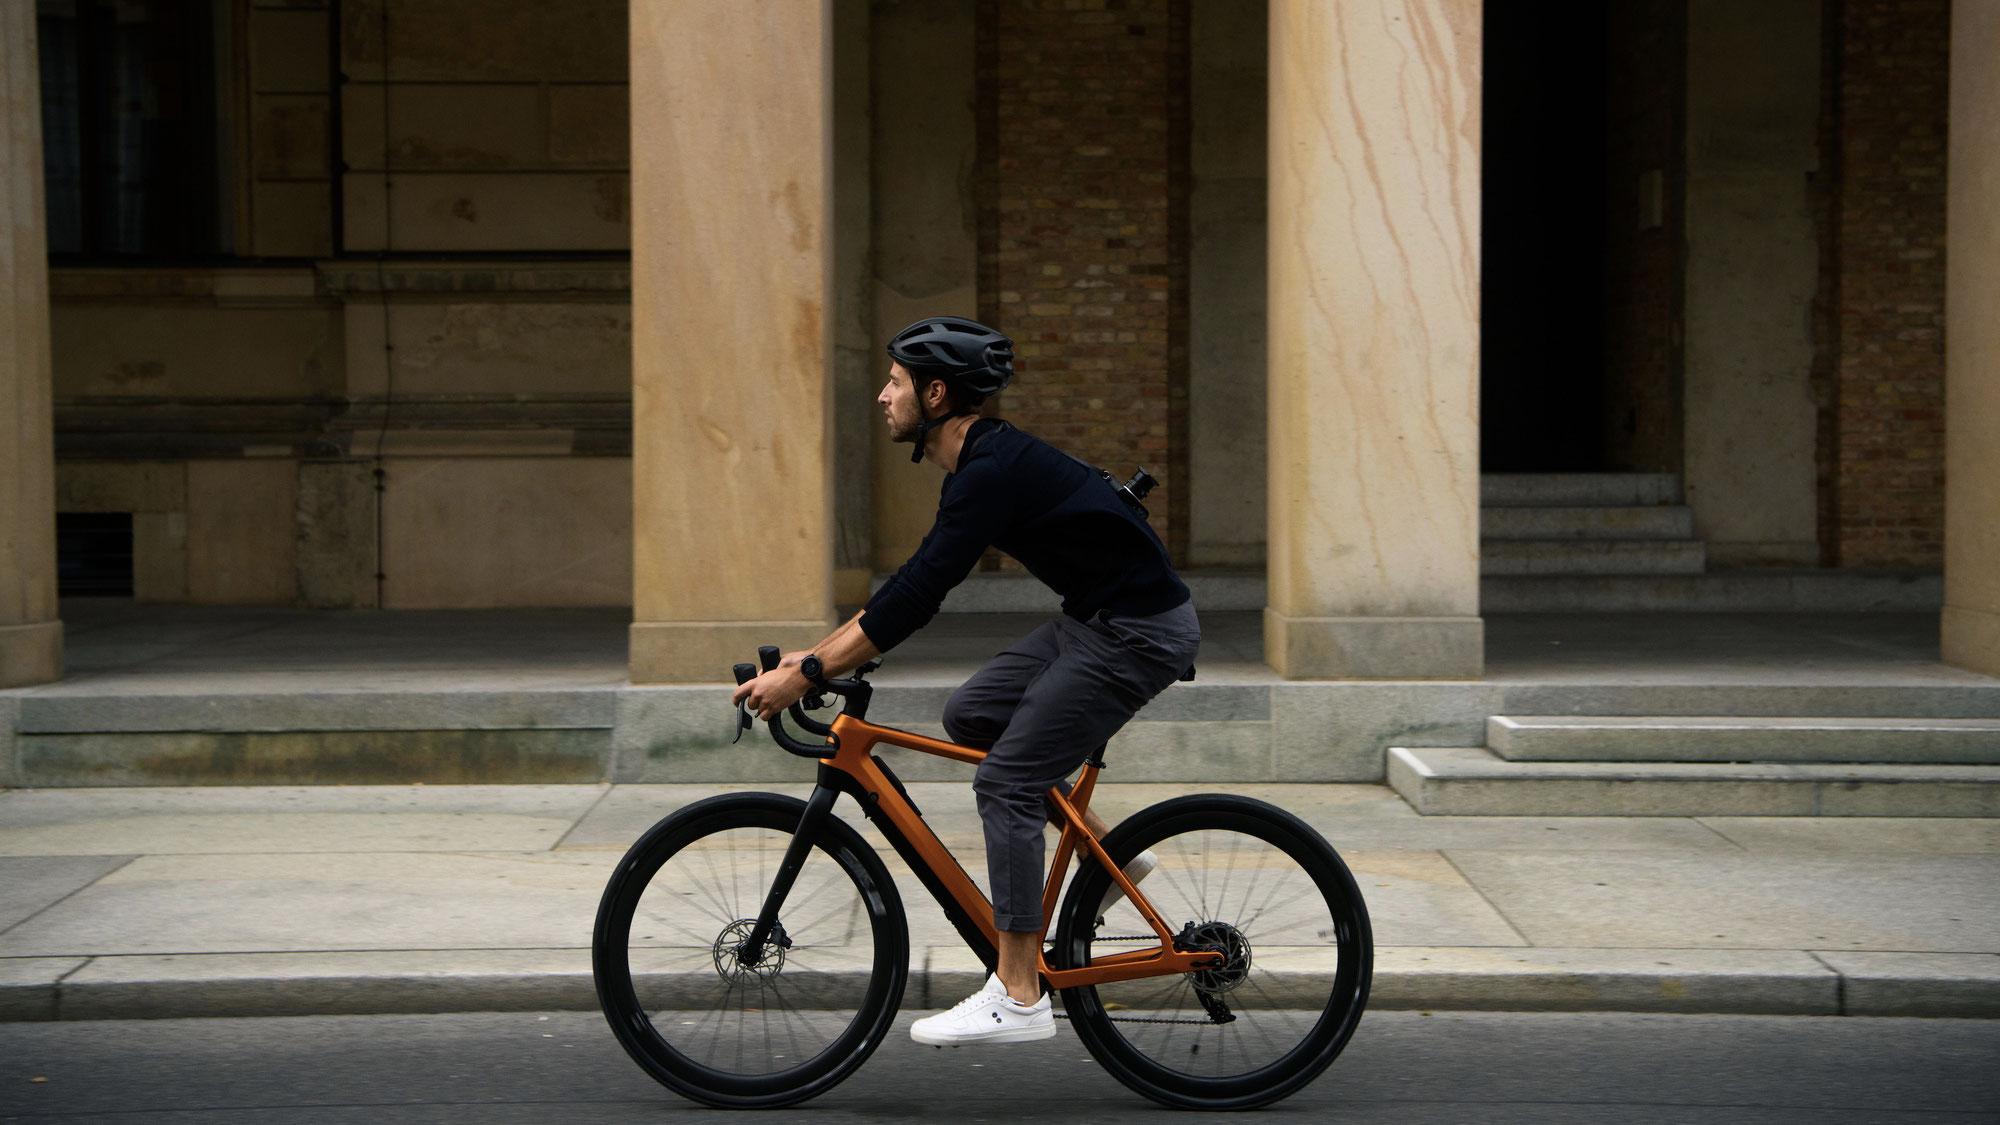 STORCK Bicycle und Porsche Digital entwickeln Fahrradmarke Cyklær